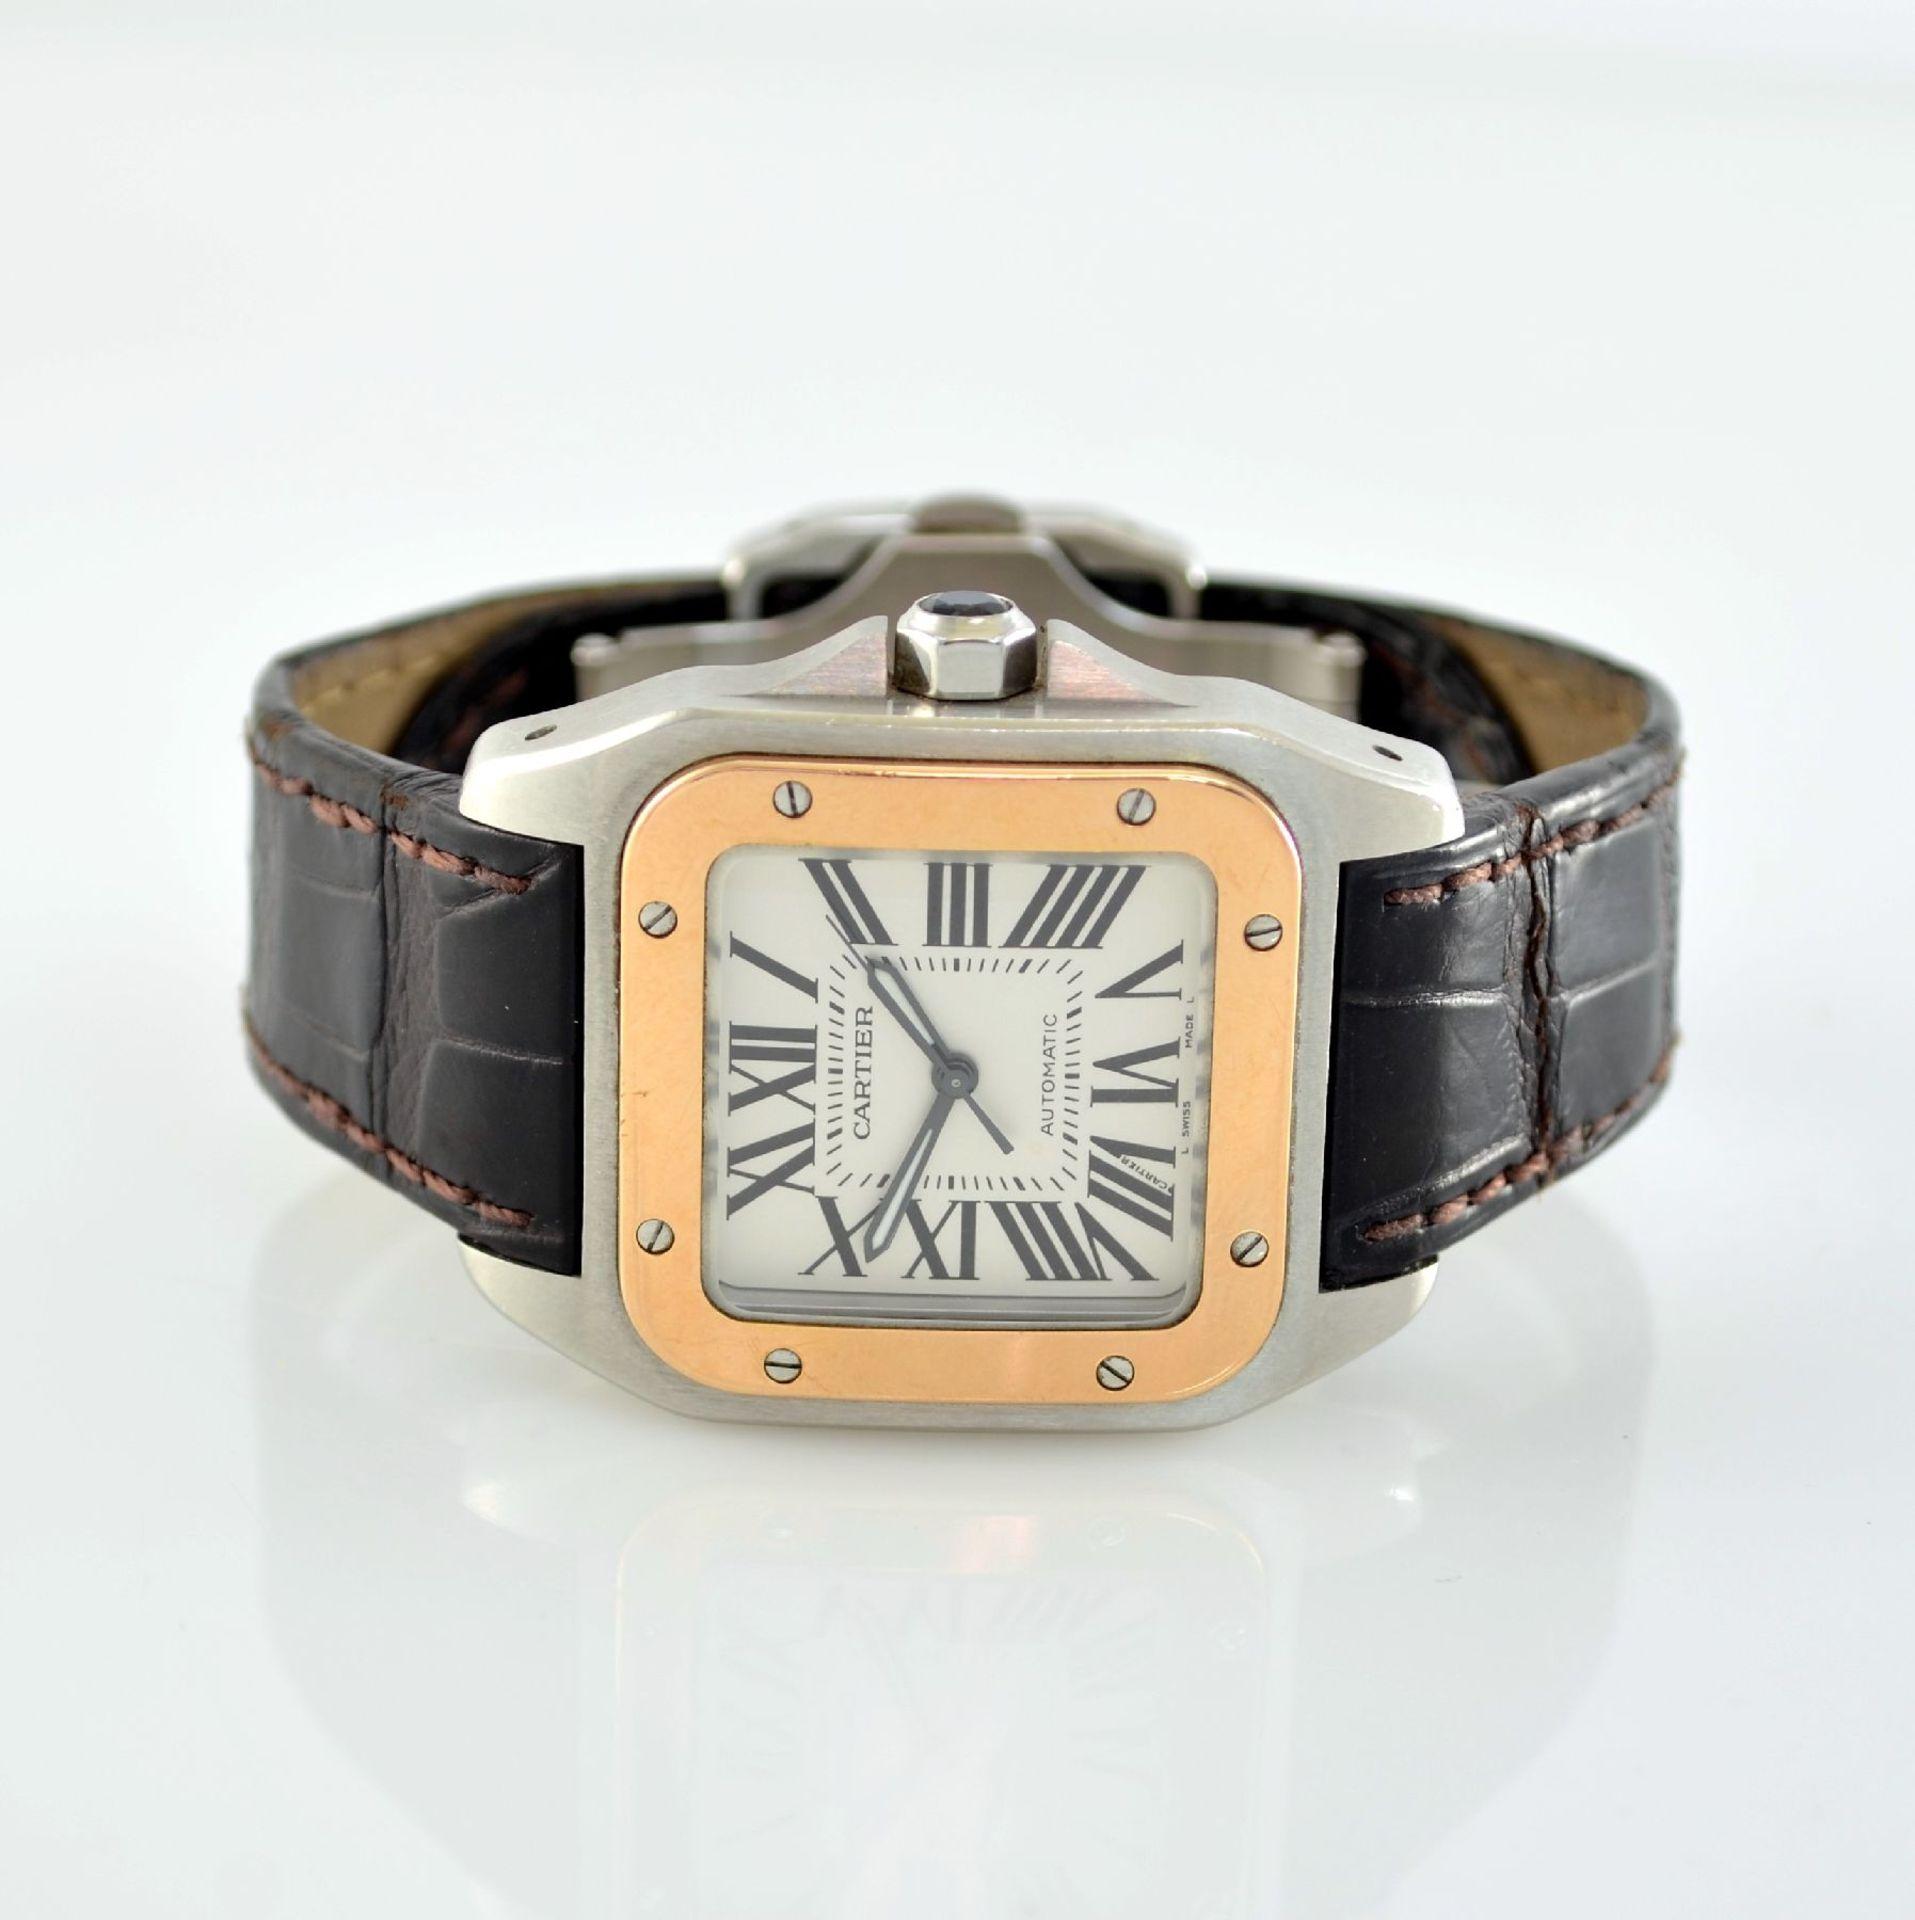 CARTIER Santos 100 Armbanduhr in Edelstahl & RoseG 750/000, Schweiz um 2006, Automatik, Boden 8-fach